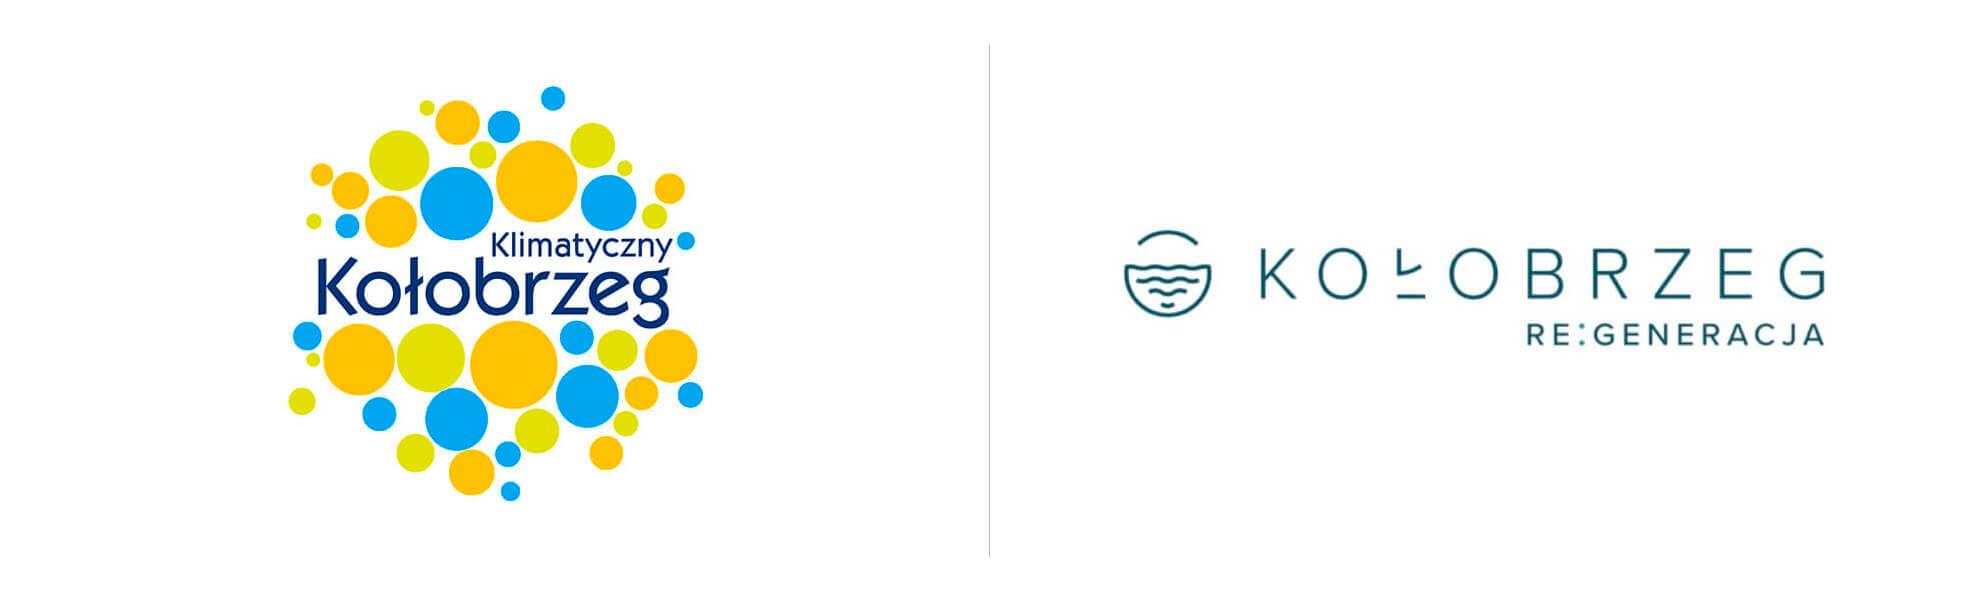 Nowe logo Kołobrzegu